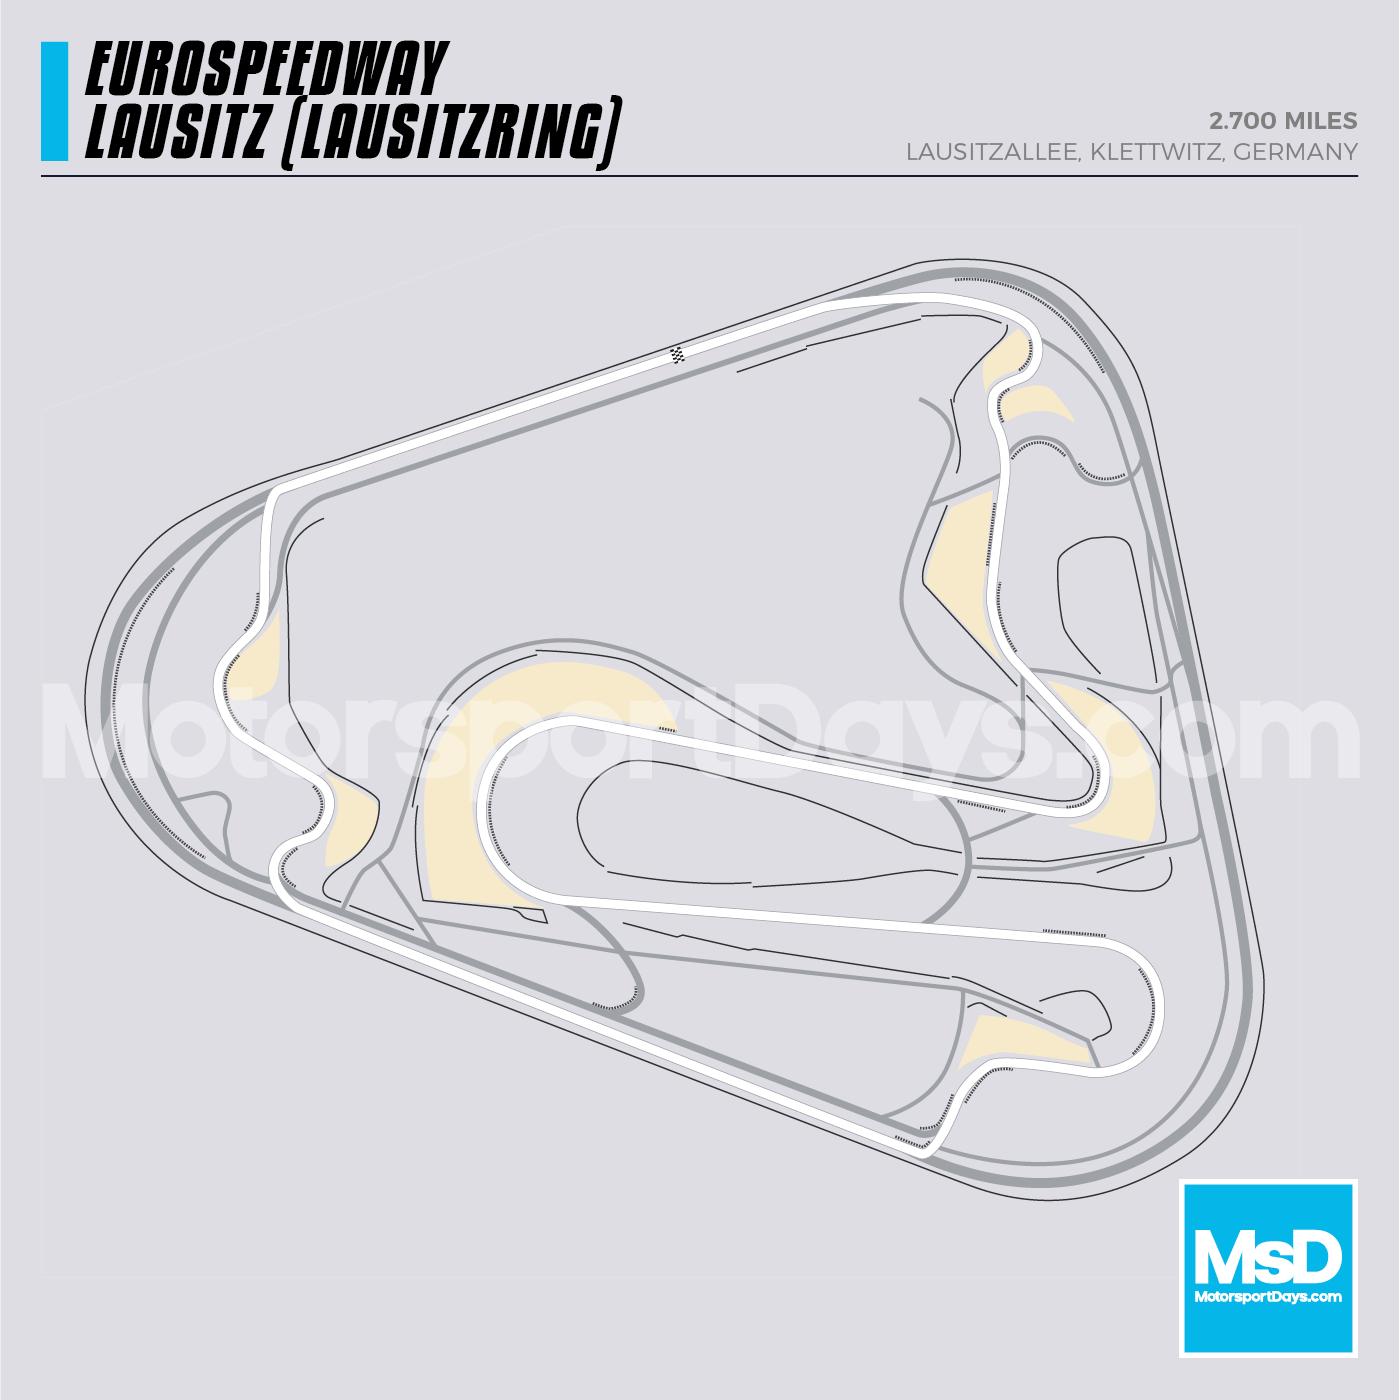 Eurospeedway-lausutzring-Circuit-track-map